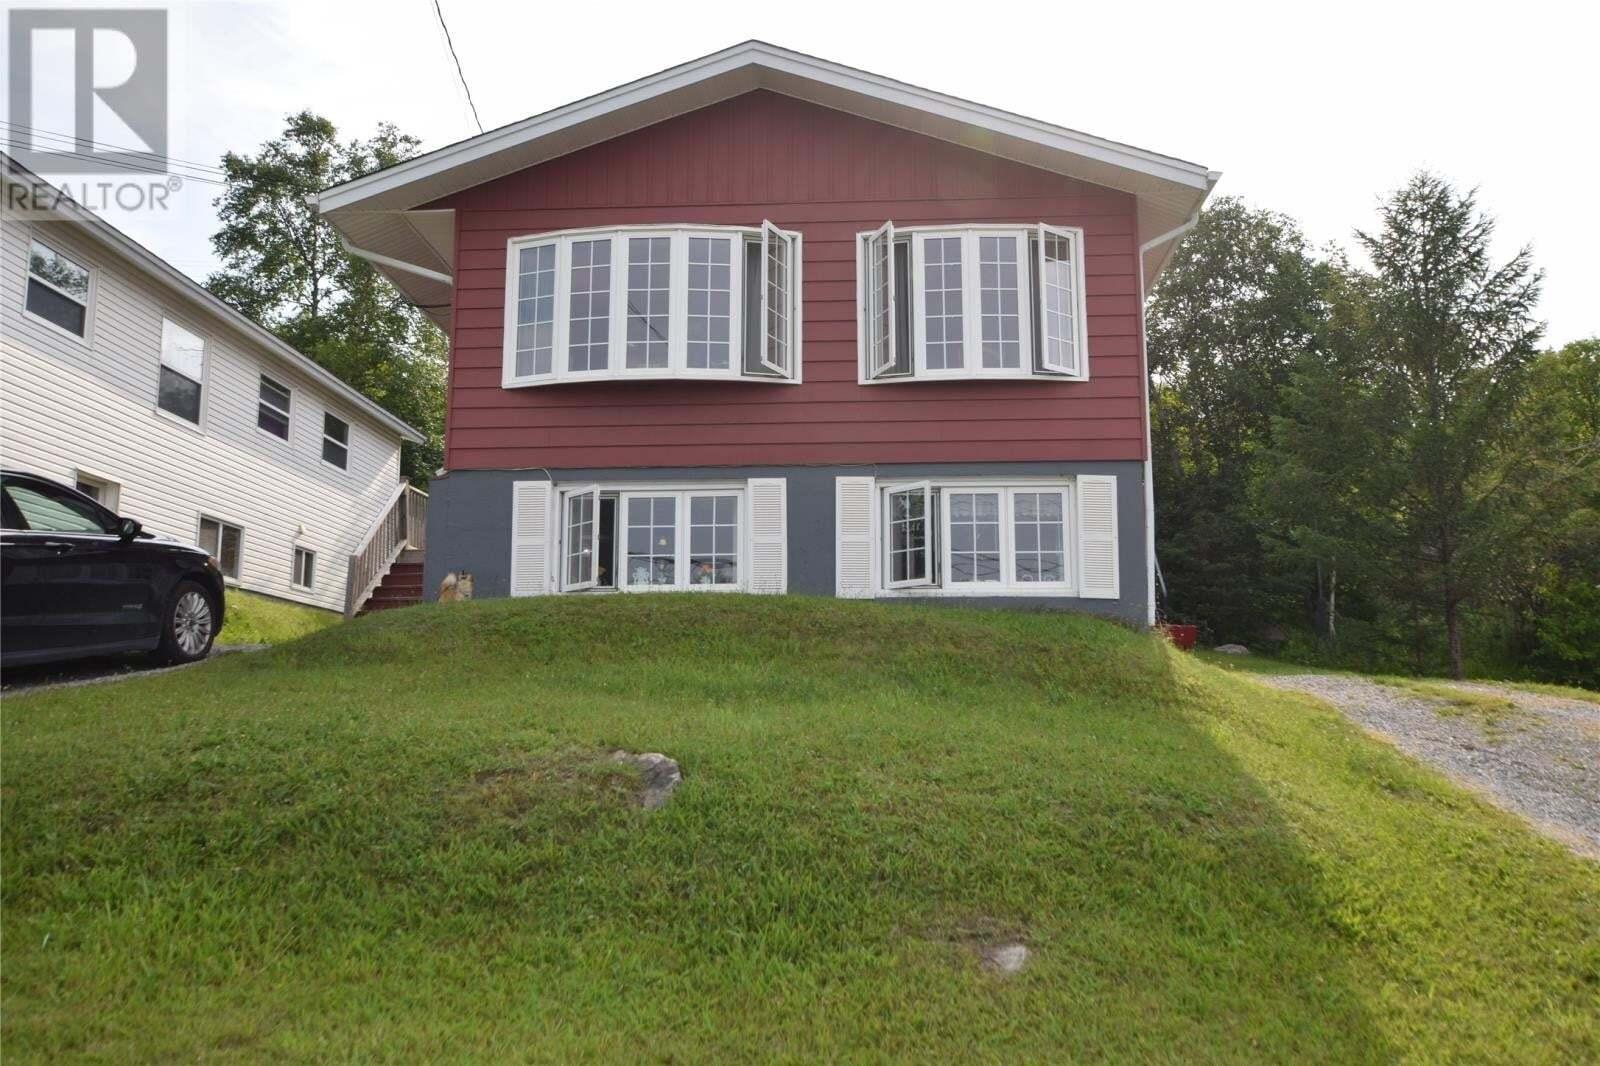 House for sale at 24 Citadel Dr Corner Brook Newfoundland - MLS: 1217955